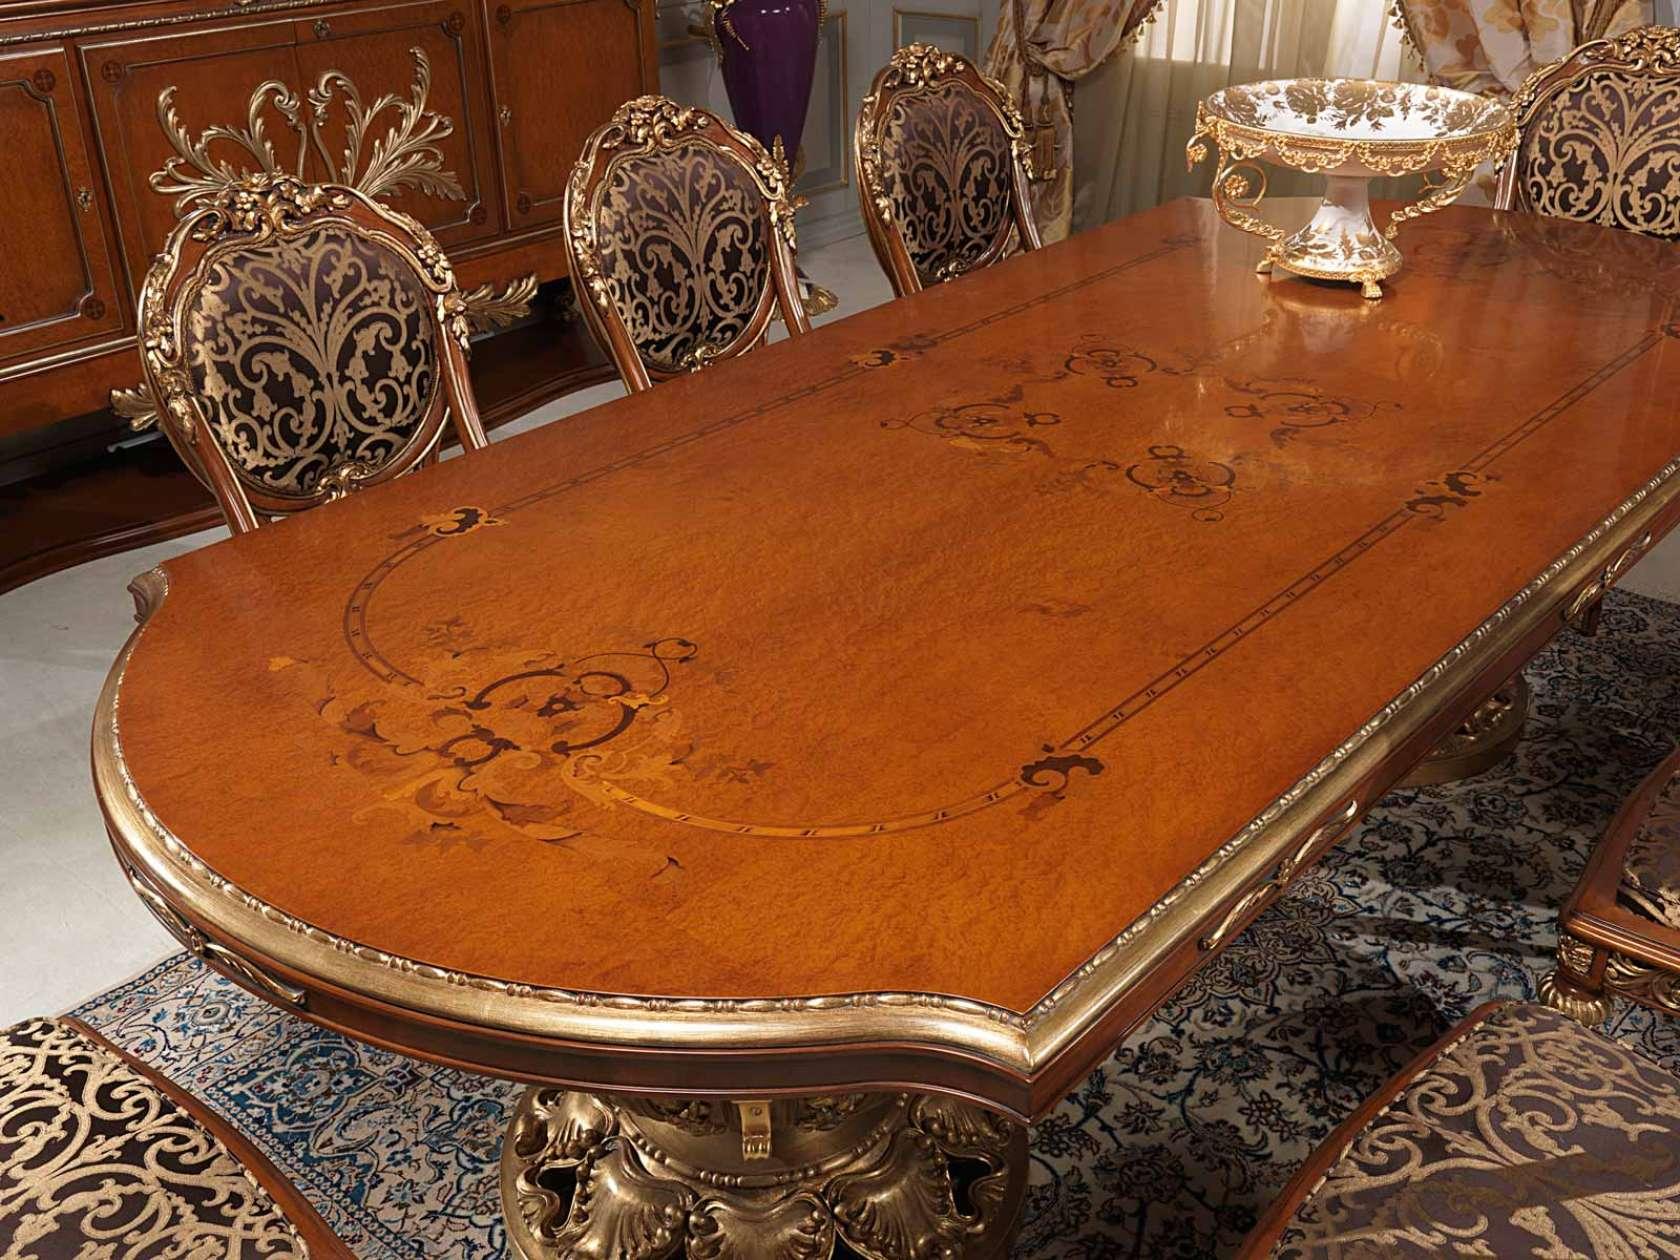 Tavolo Da Pranzo In Radica Di Mirto Riccamente Intagliato E Intarsiato  #B05010 1680 1260 Sala Da Pranzo In Noce